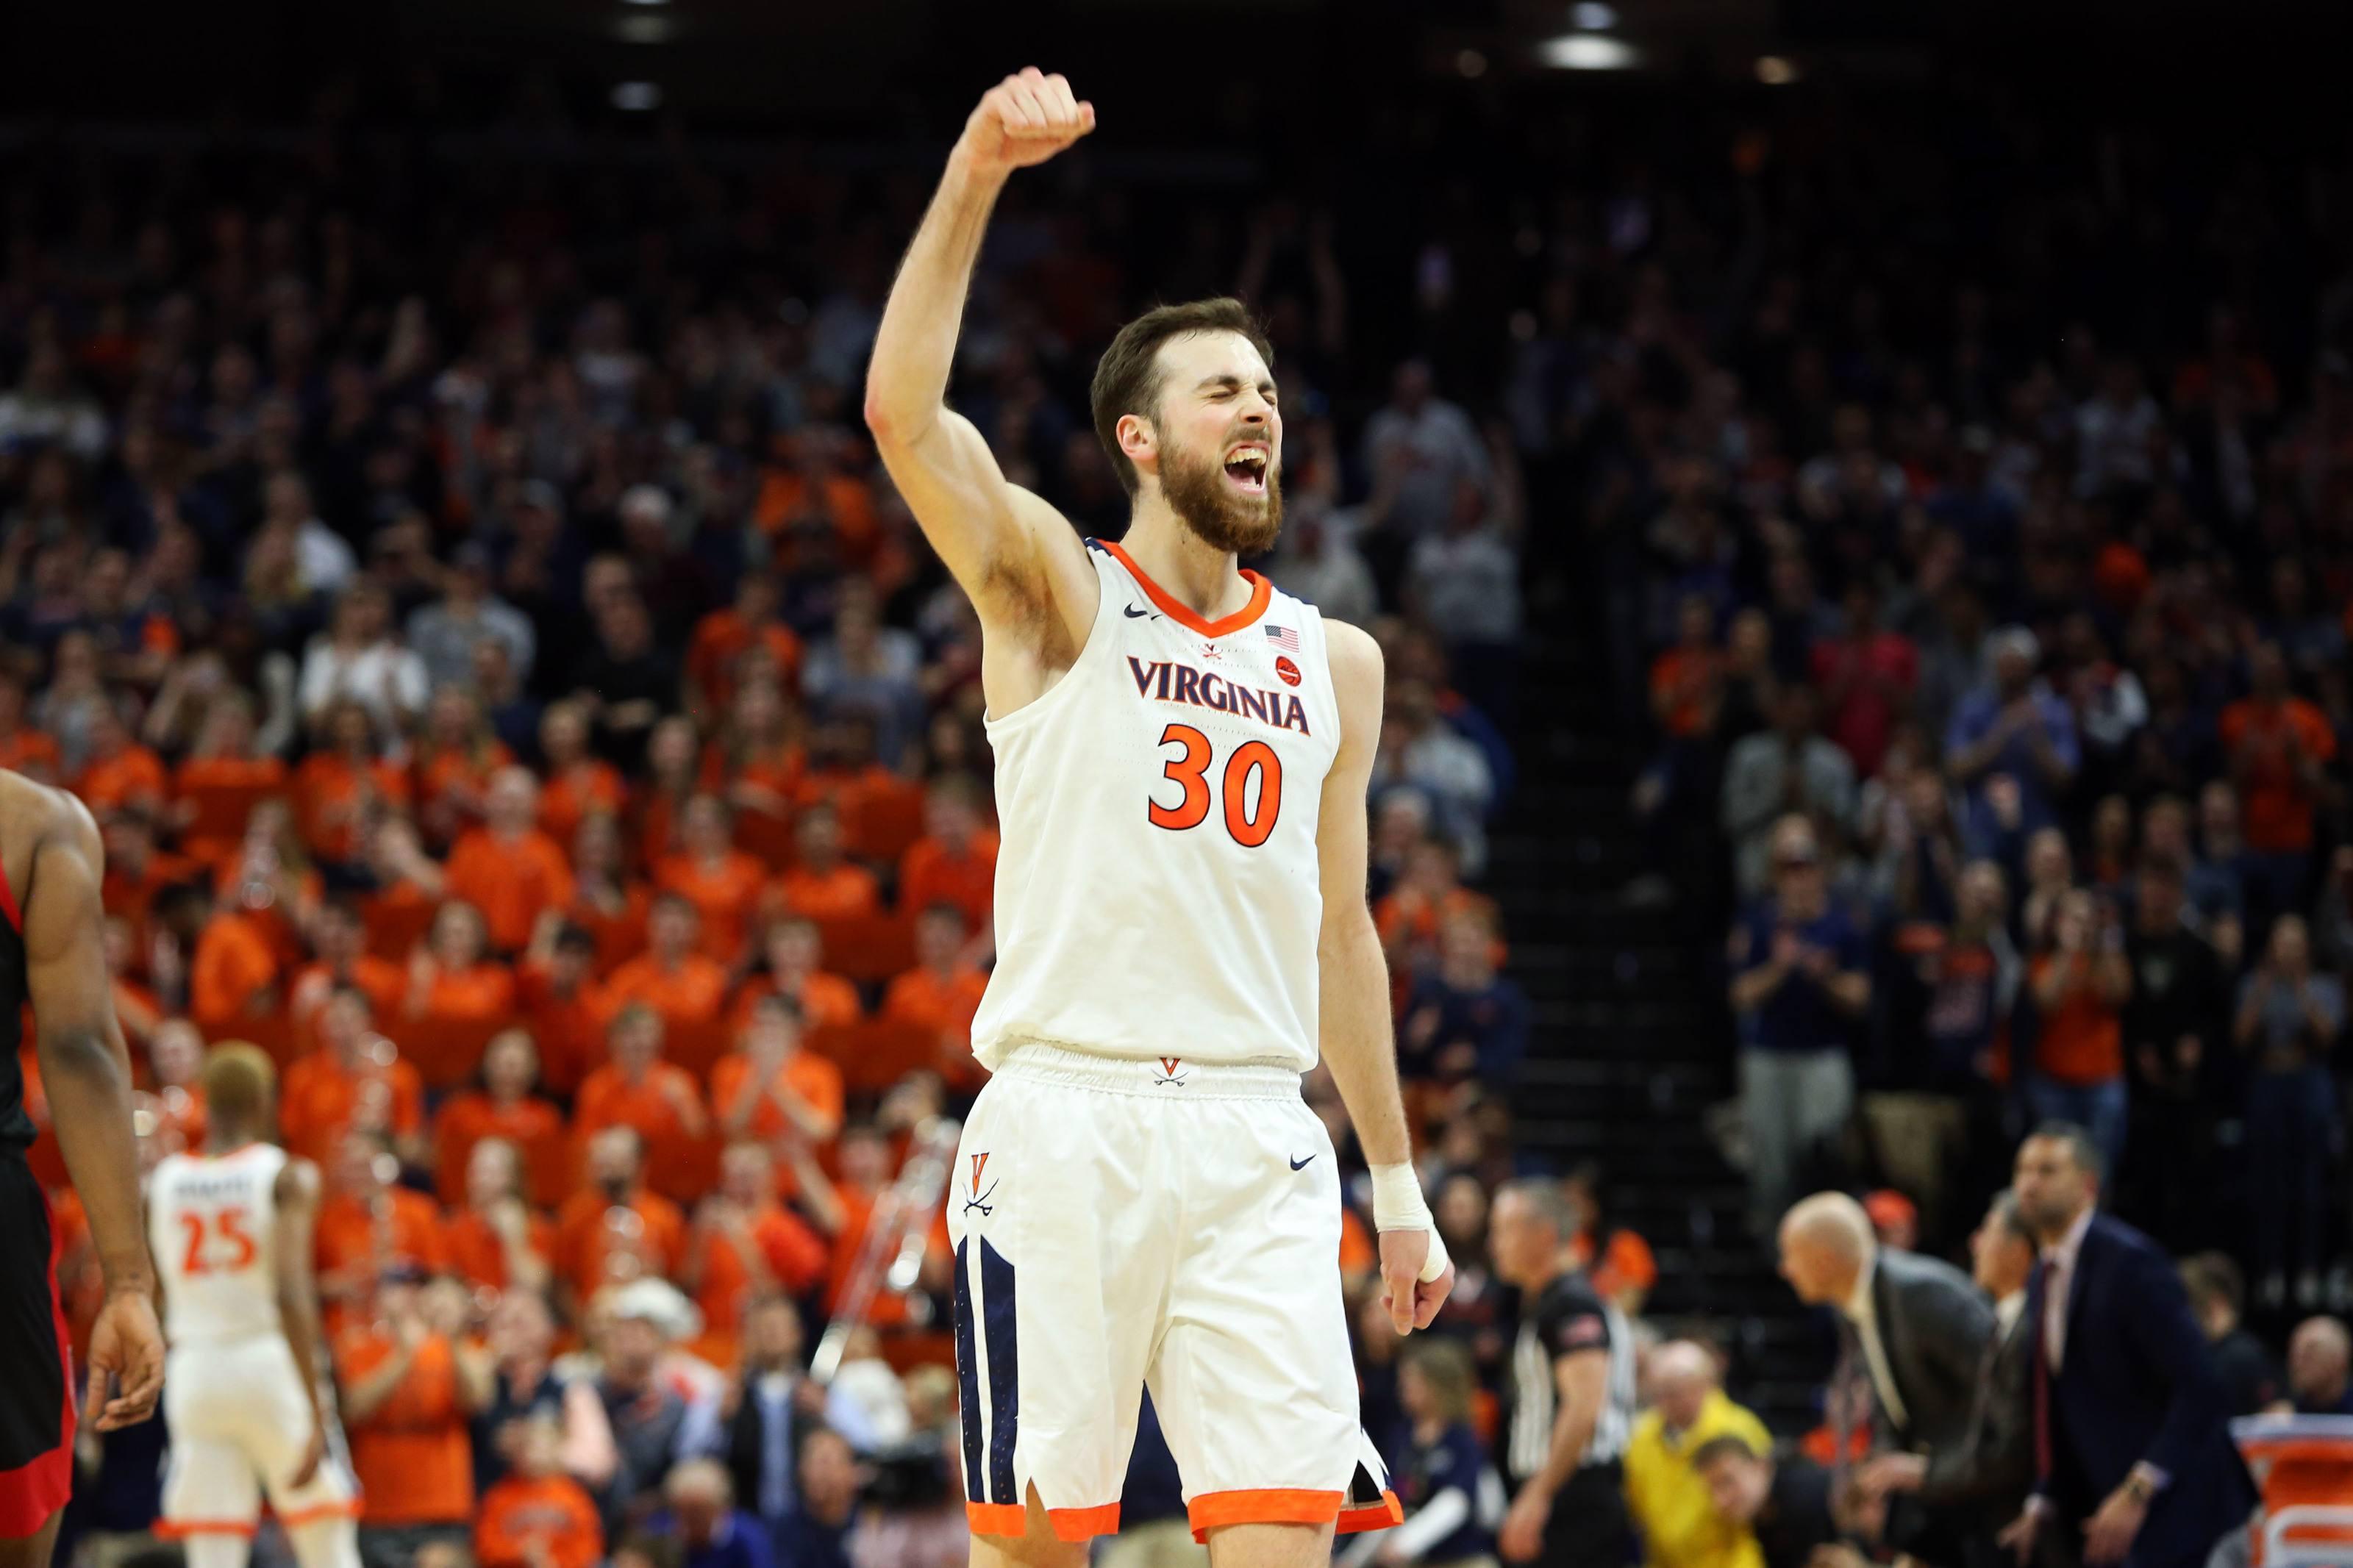 Bola basket putra Virginia